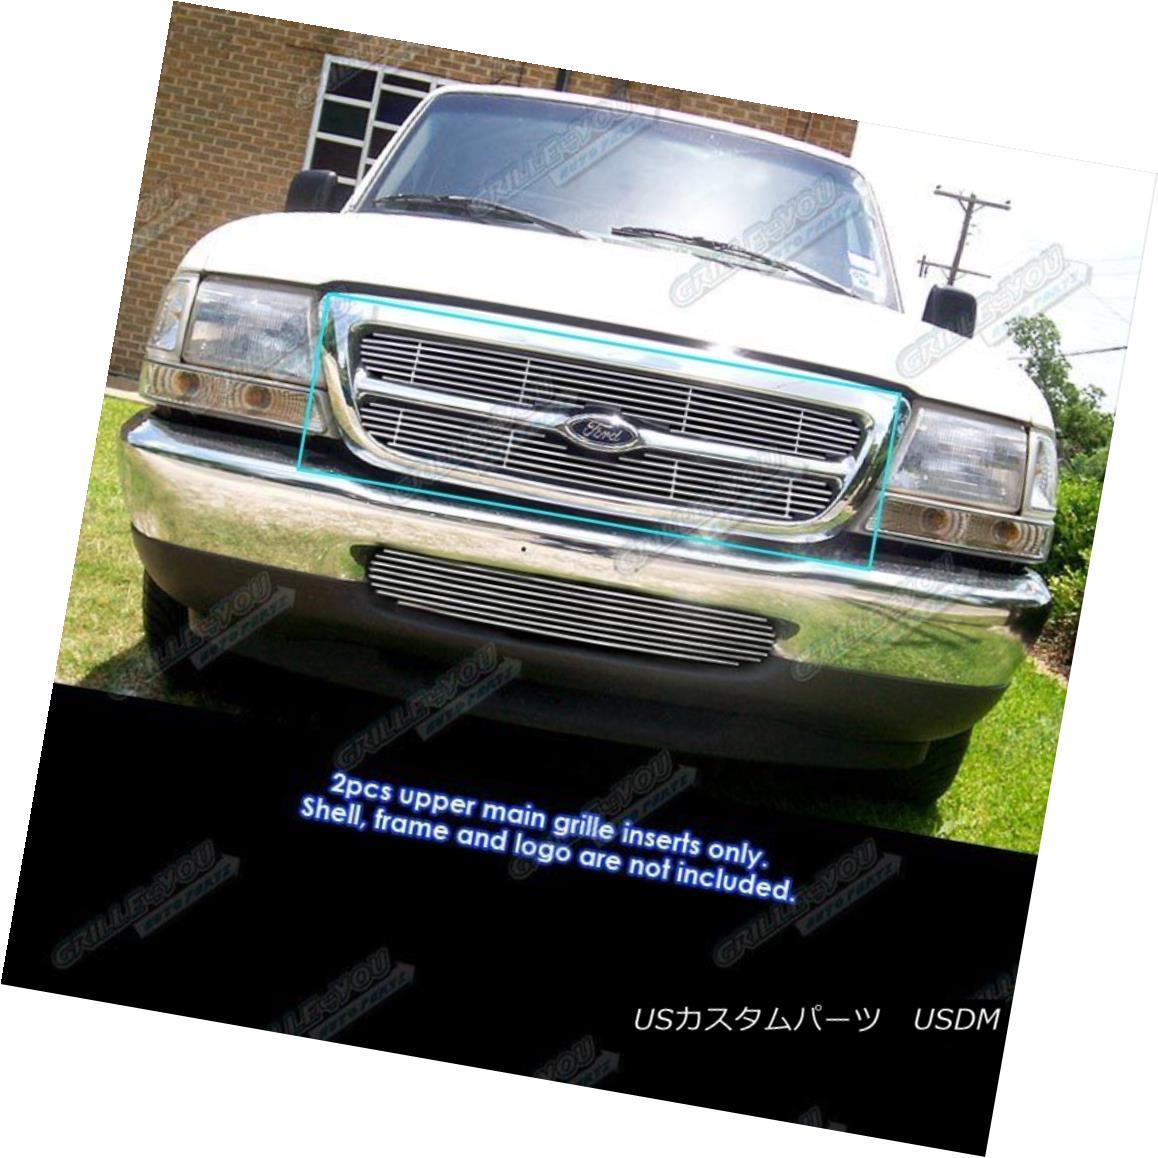 グリル Fits 98-2000 Ford Ranger Main Upper Billet Grille Insert フィット98-2000フォードレンジャーメインアッパービレットグリルインサート